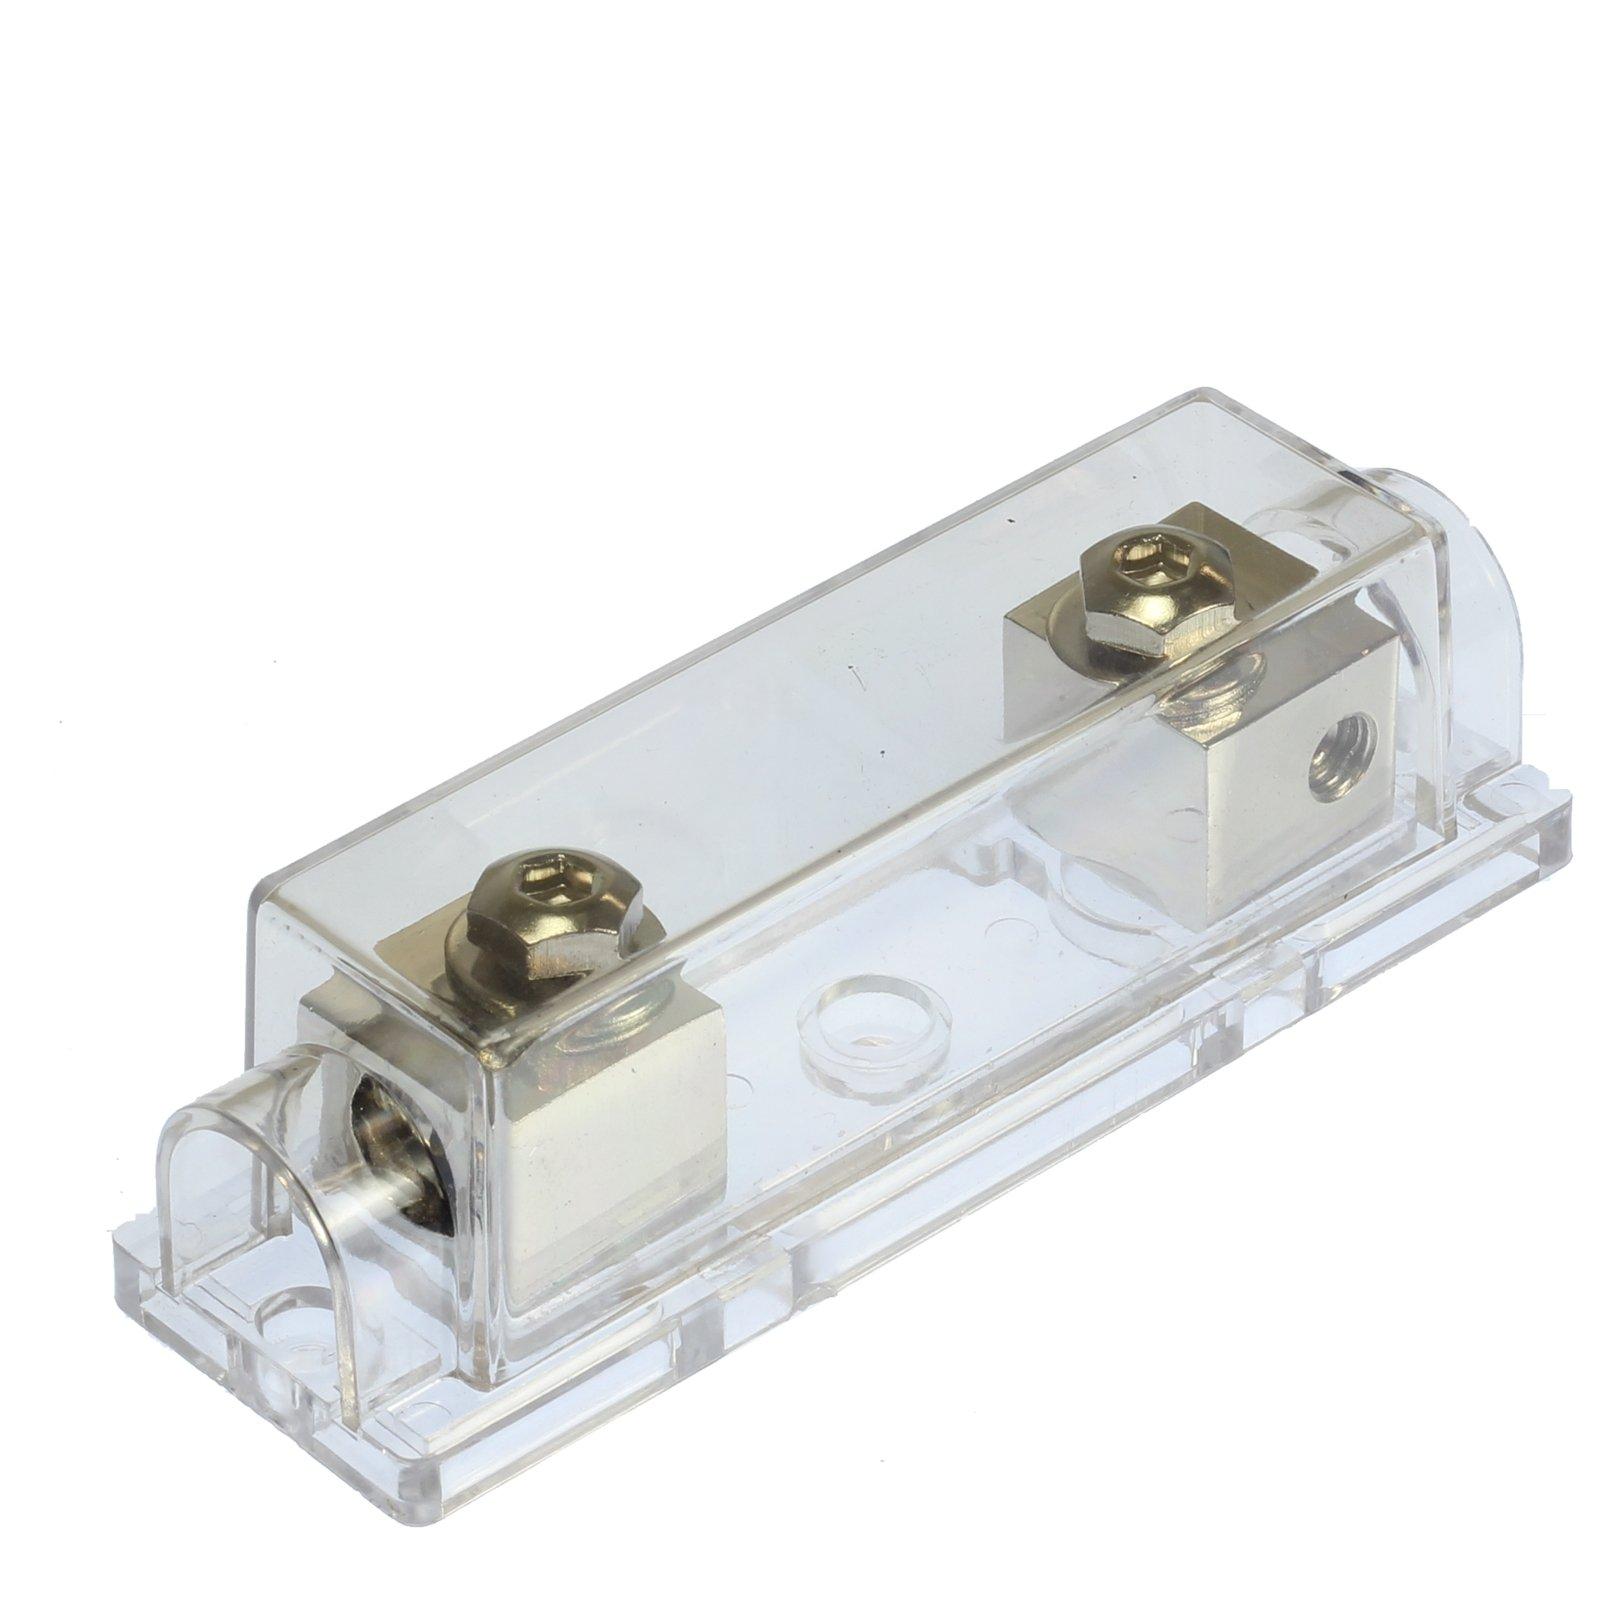 (1) 350 AMP ANL Fuse & (1) Inline Fuseholder Battery Install Kit 1/0 Gauge 1FT by 12voltnet (Image #7)